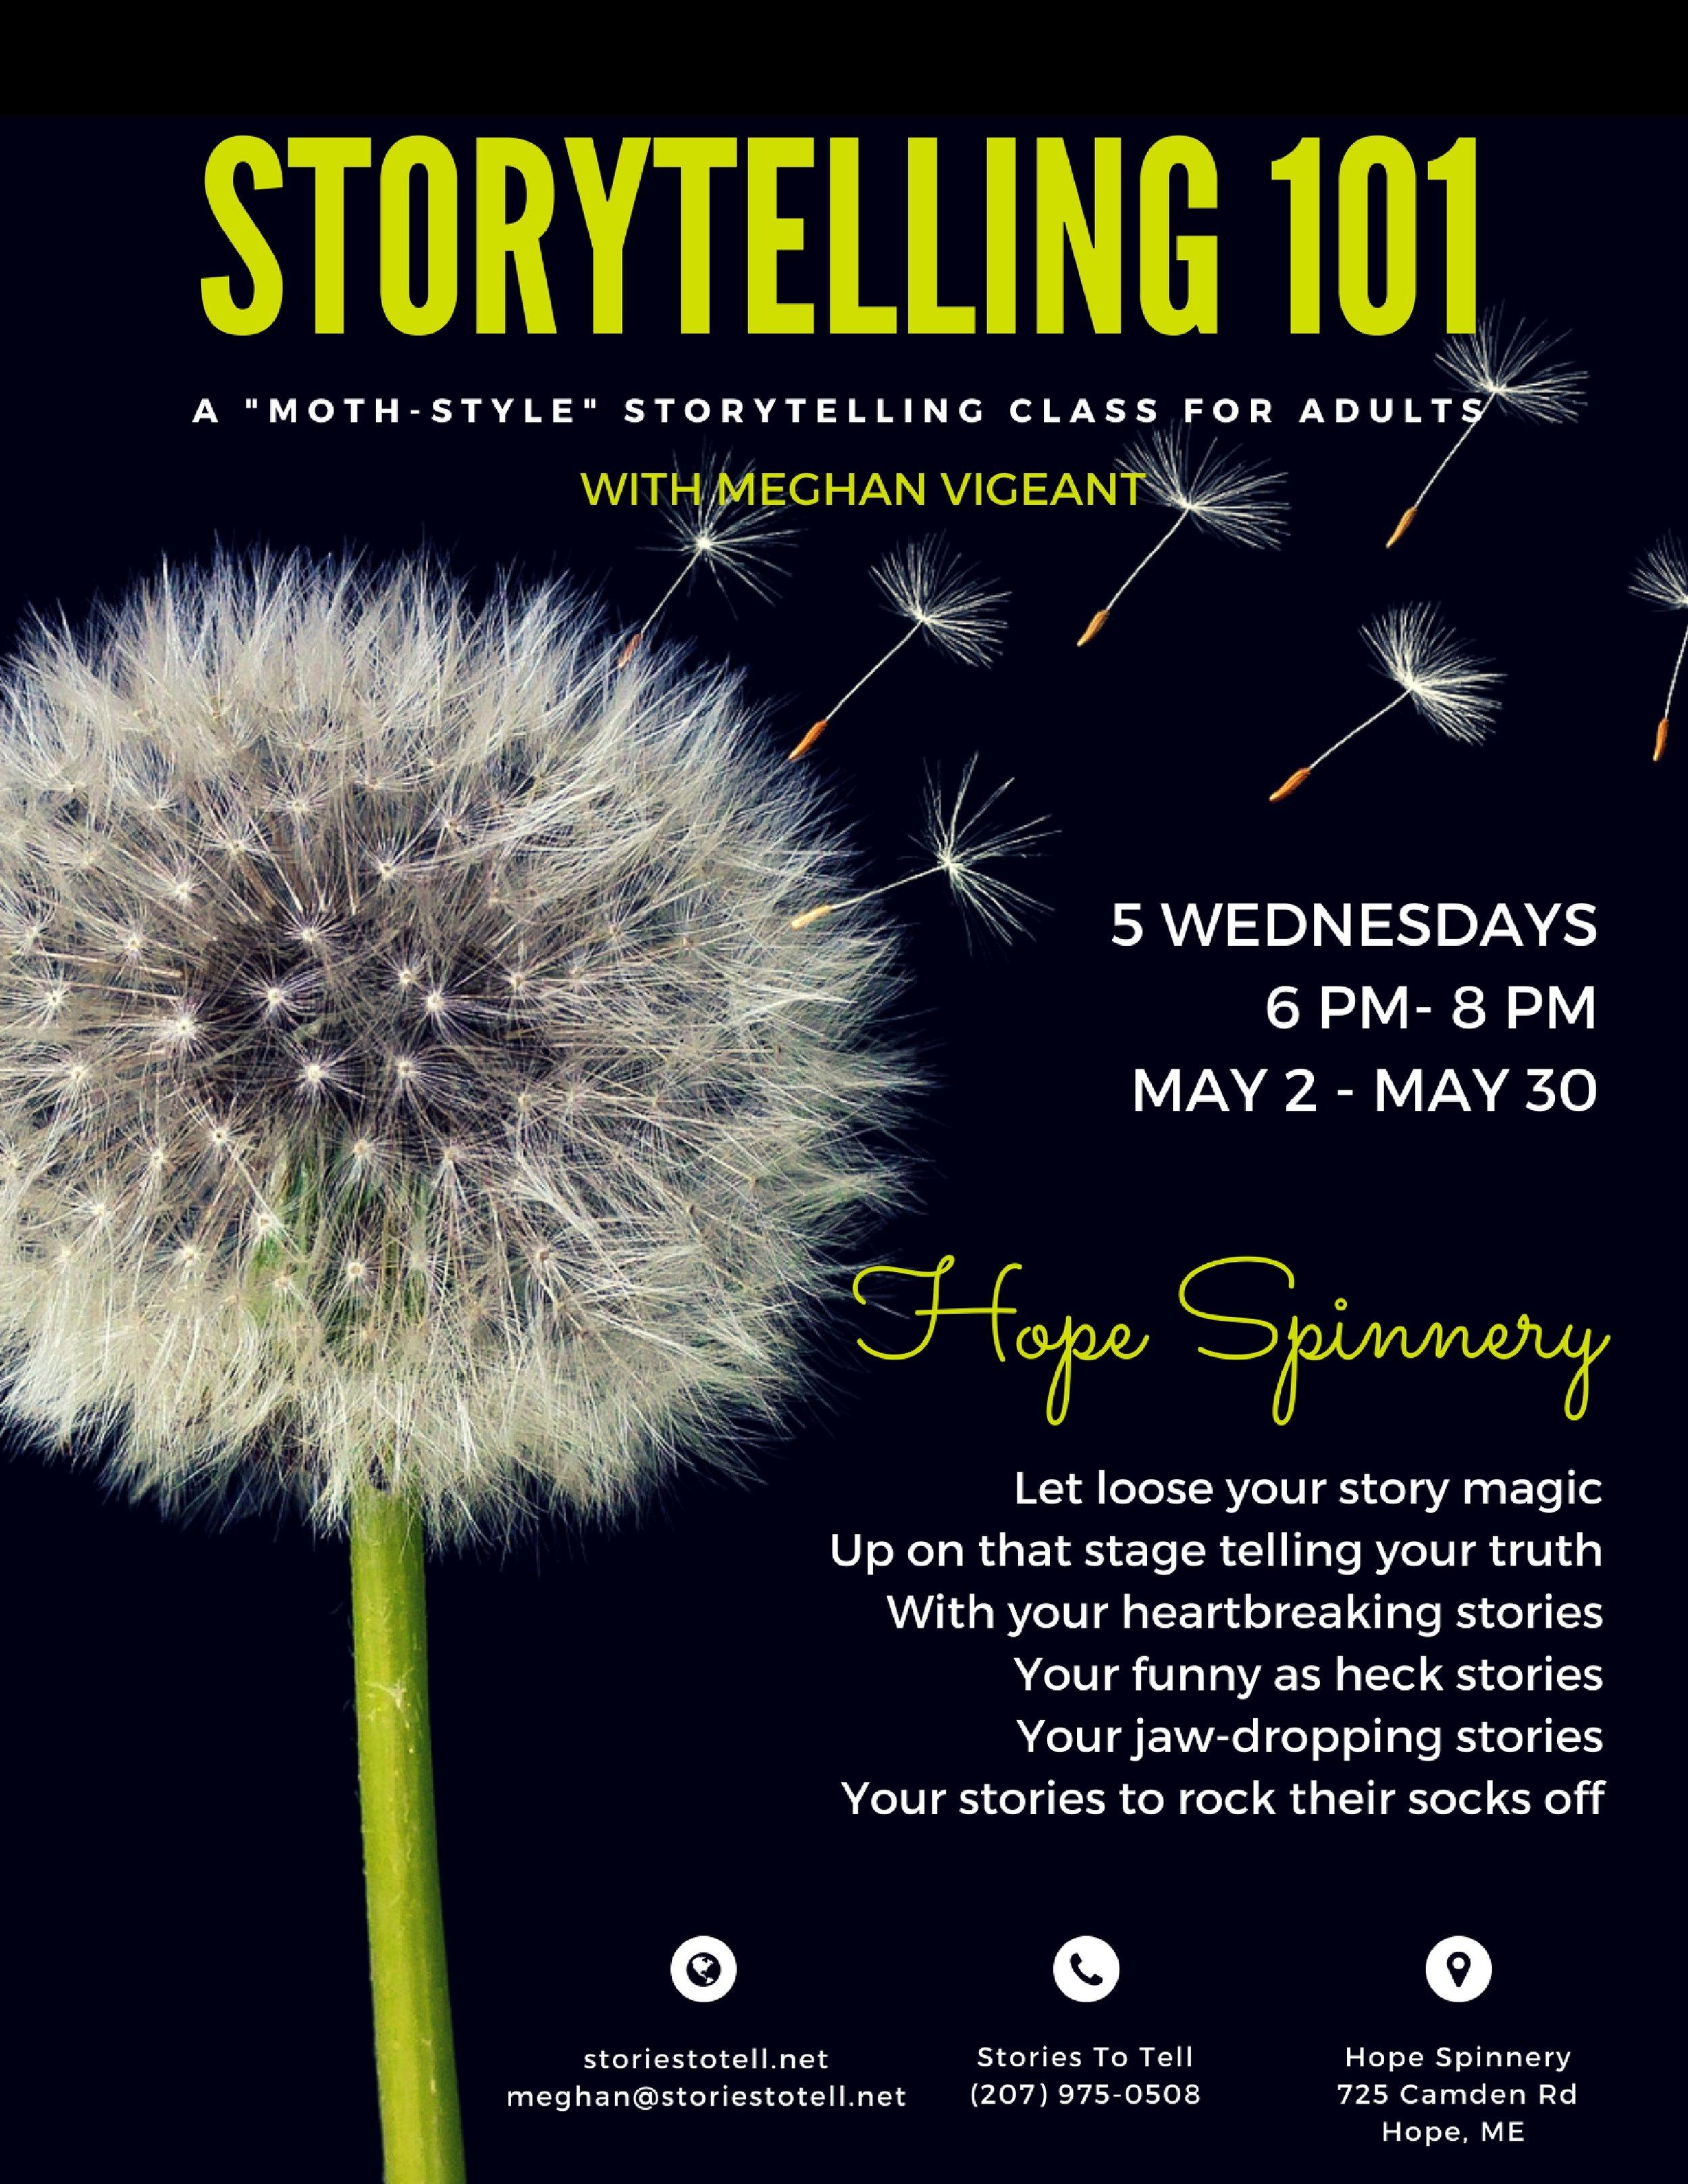 Storytelling 101 flyer (7).jpg